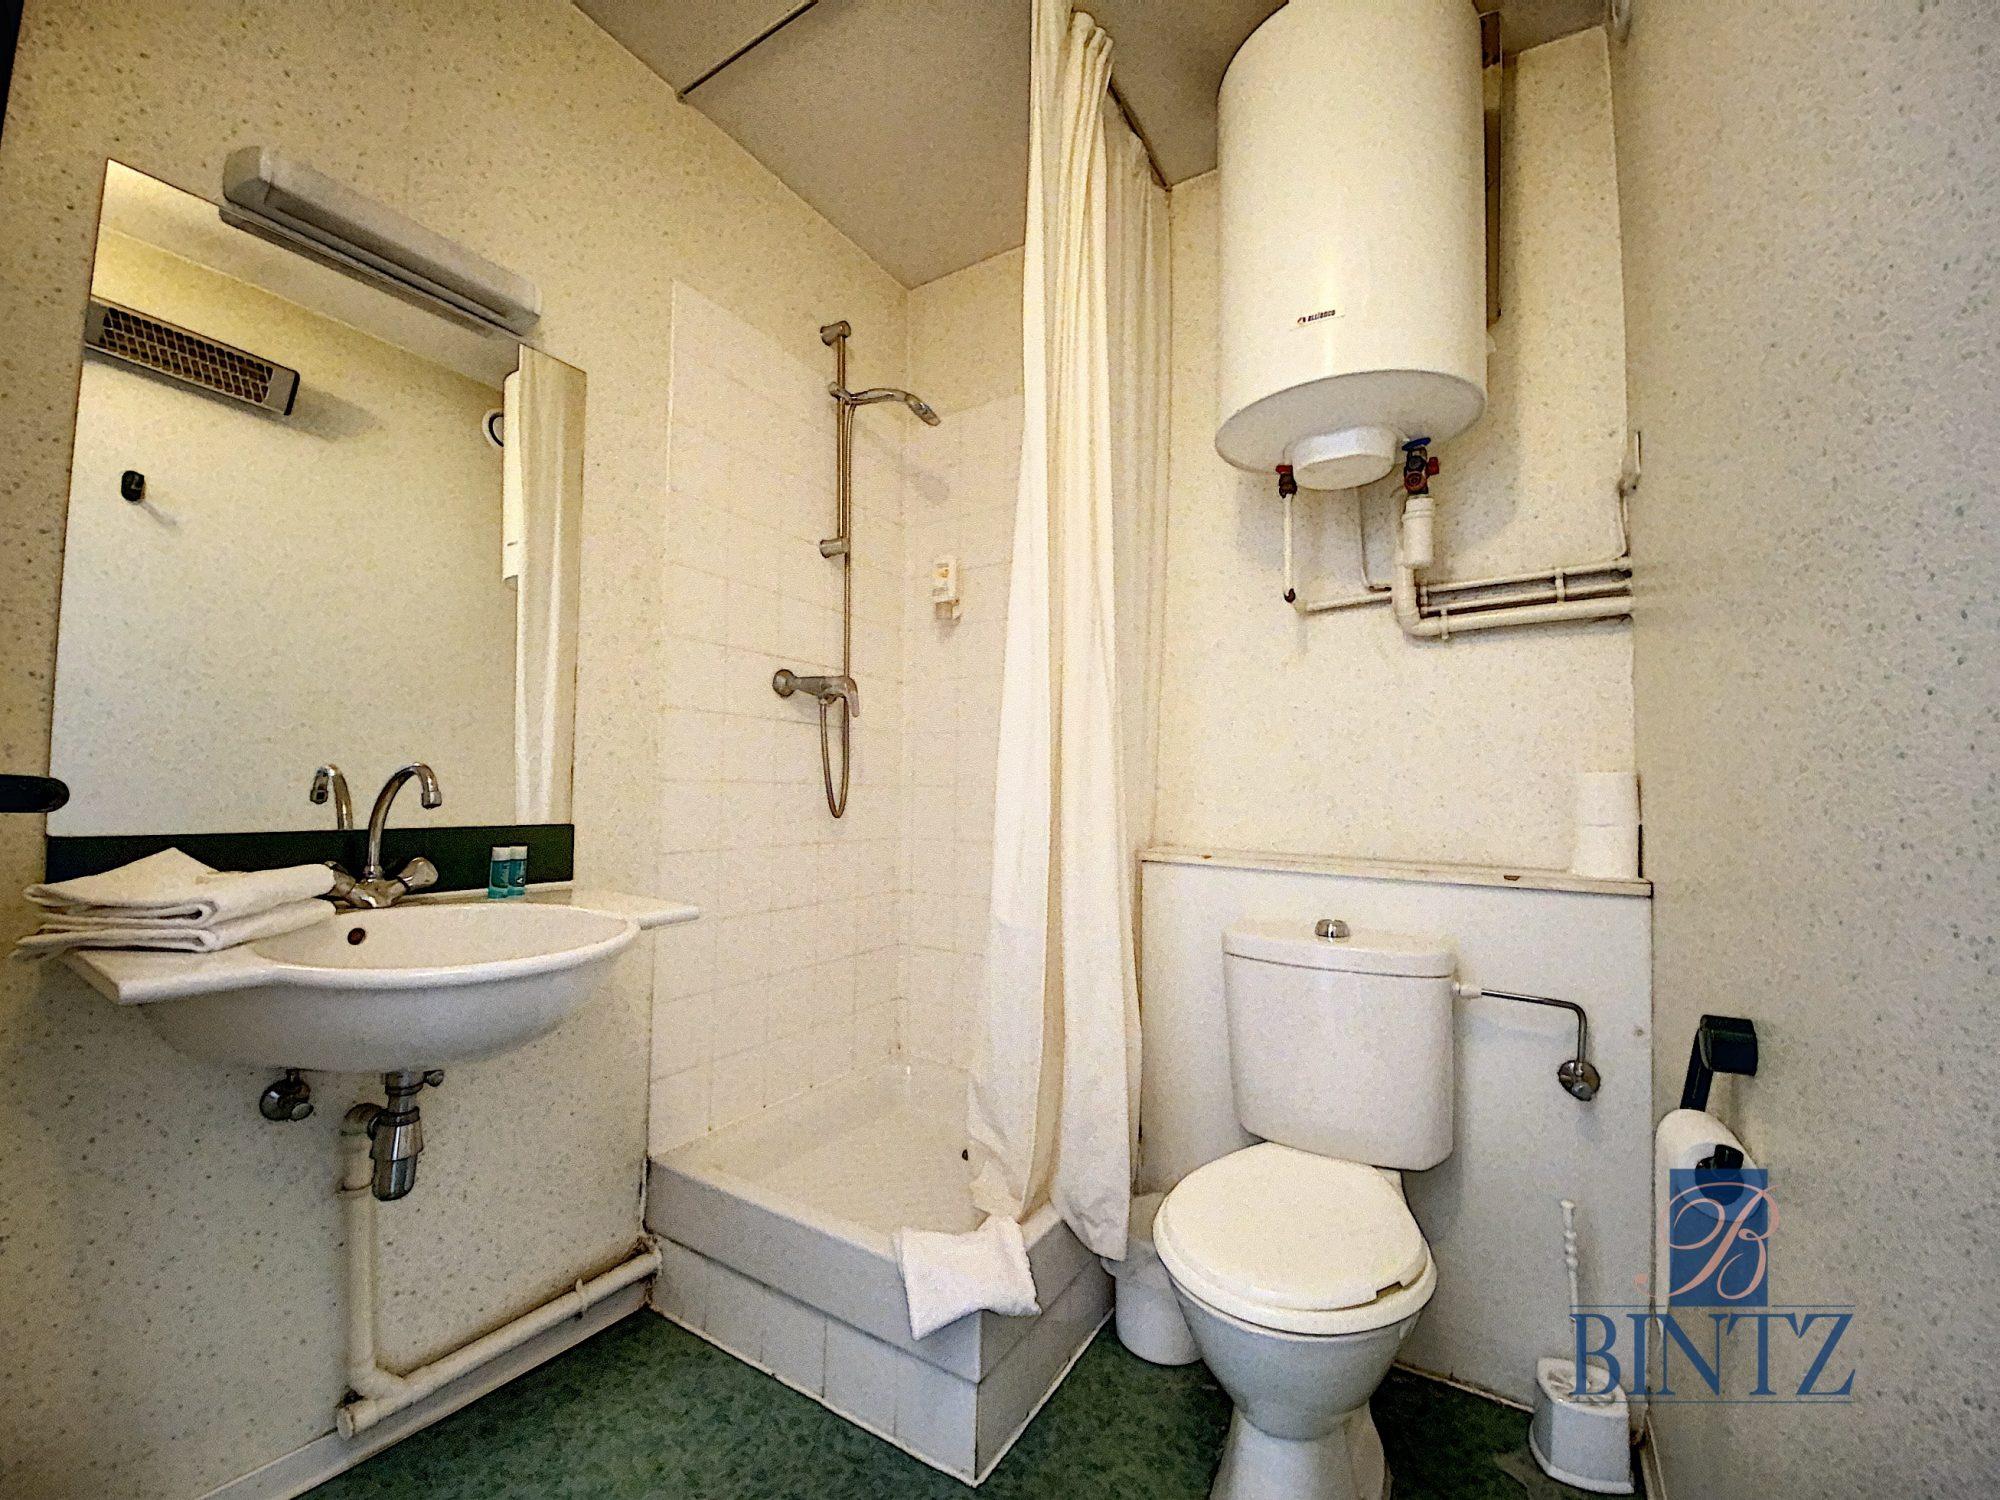 Studio en résidence hôtelière - Devenez propriétaire en toute confiance - Bintz Immobilier - 3